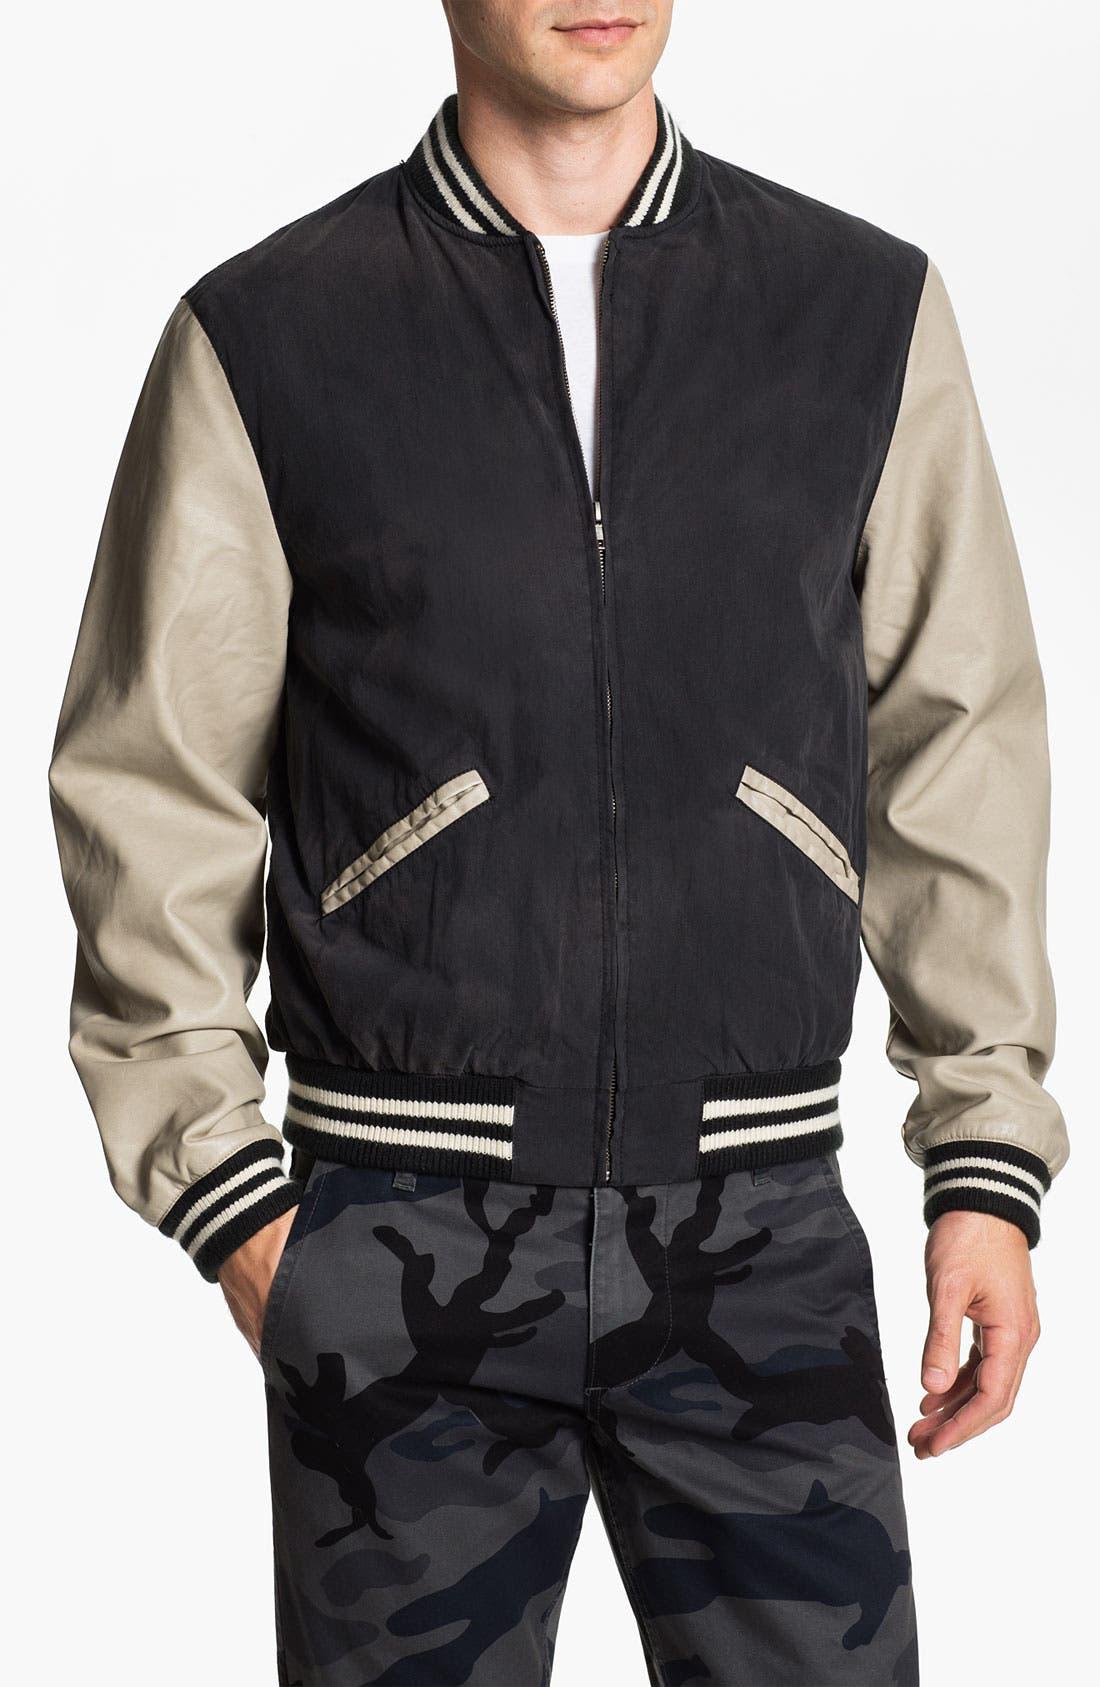 Main Image - Just A Cheap Shirt 'Varsity' Jacket